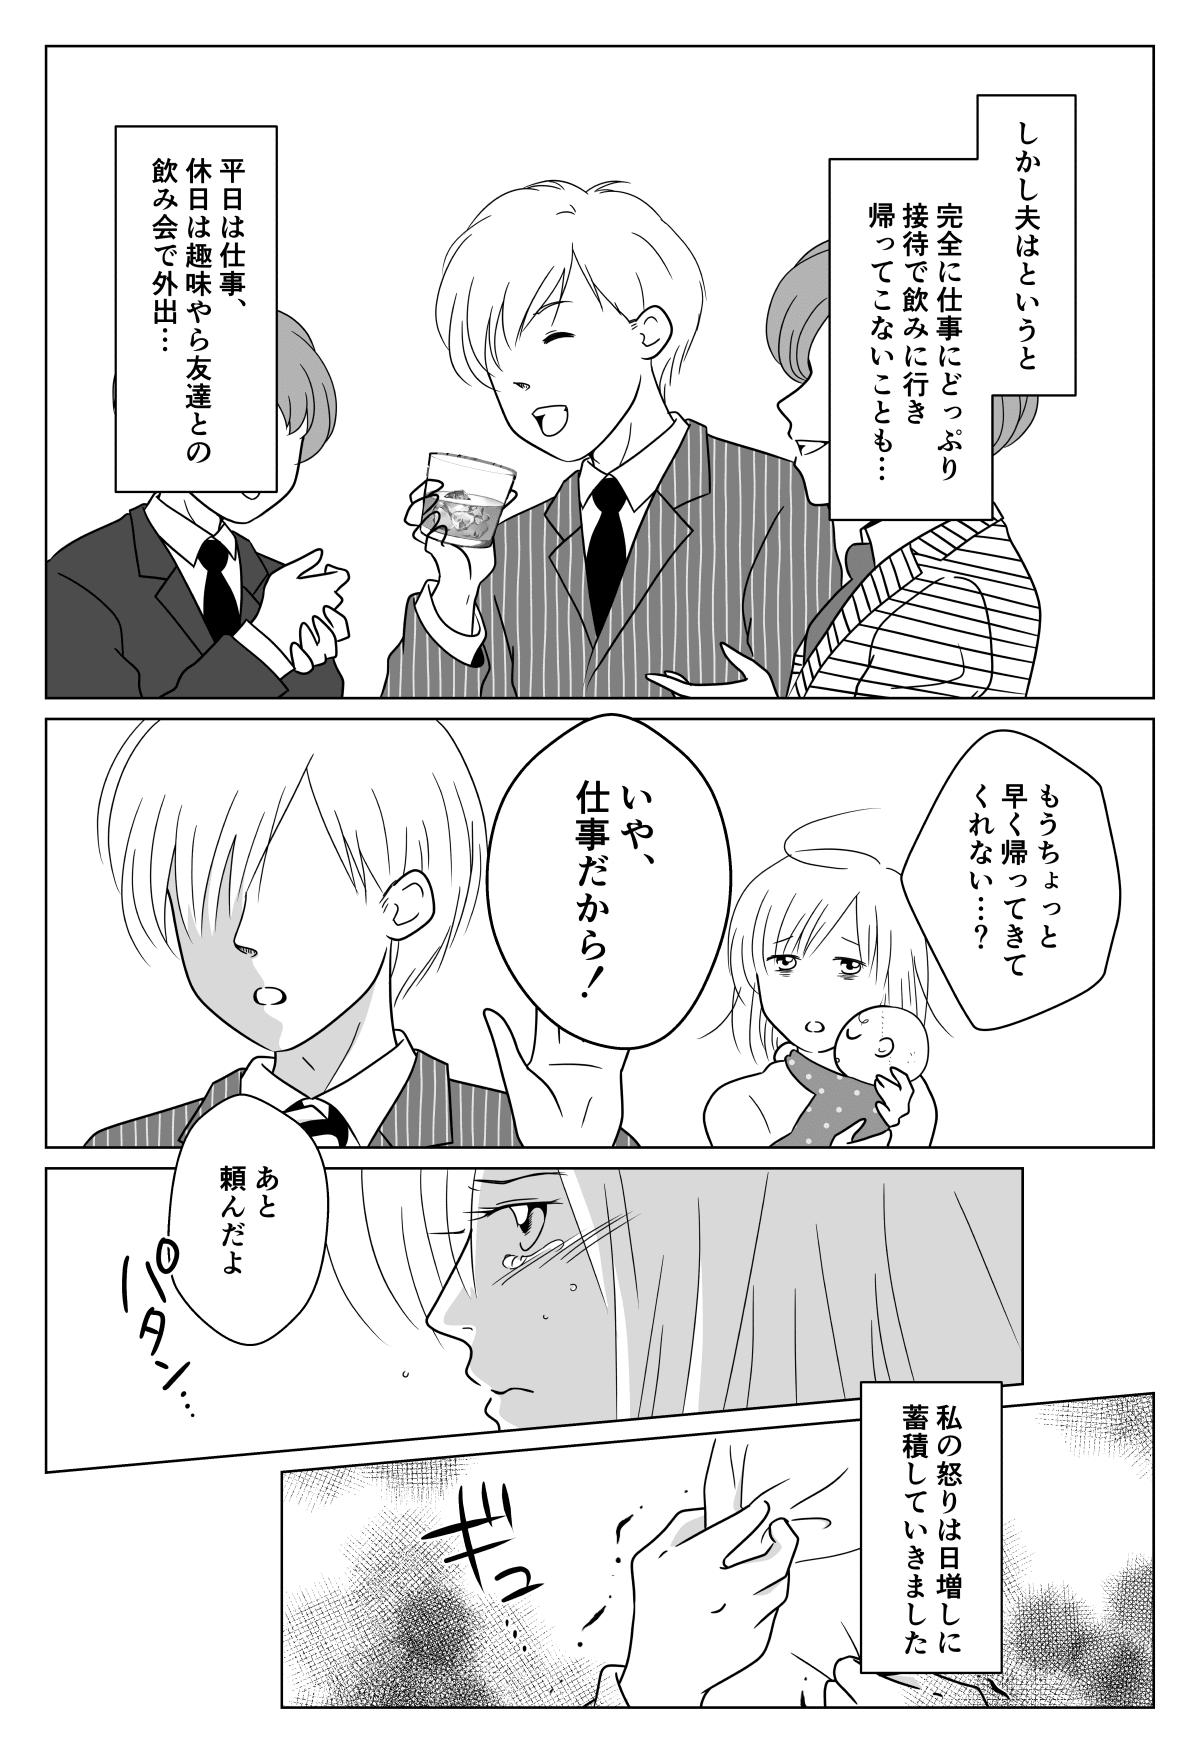 【新連載】ワンオペ育児が辛い!